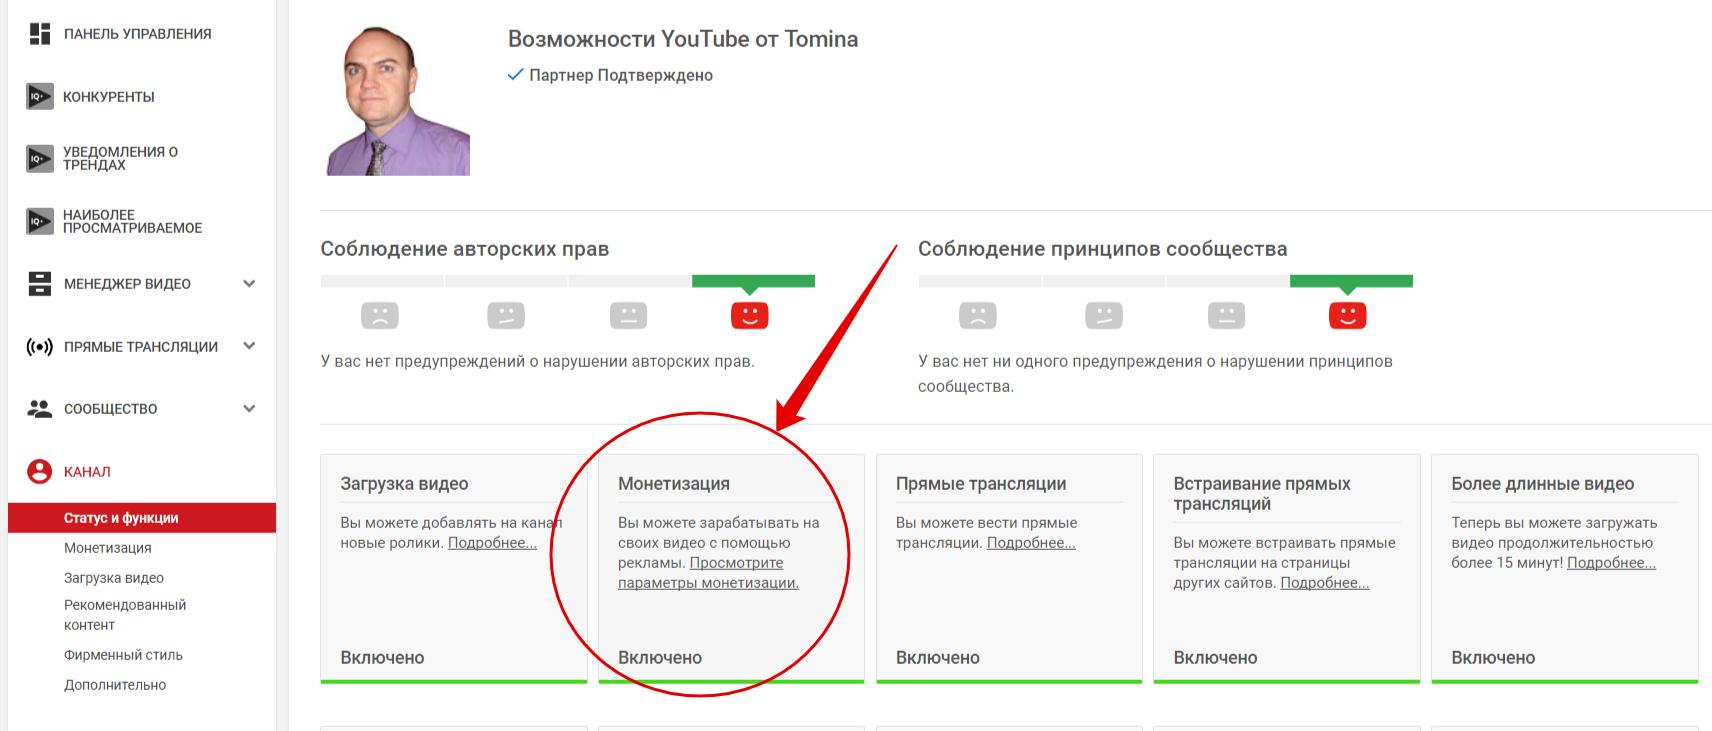 Как монетизировать youtube?